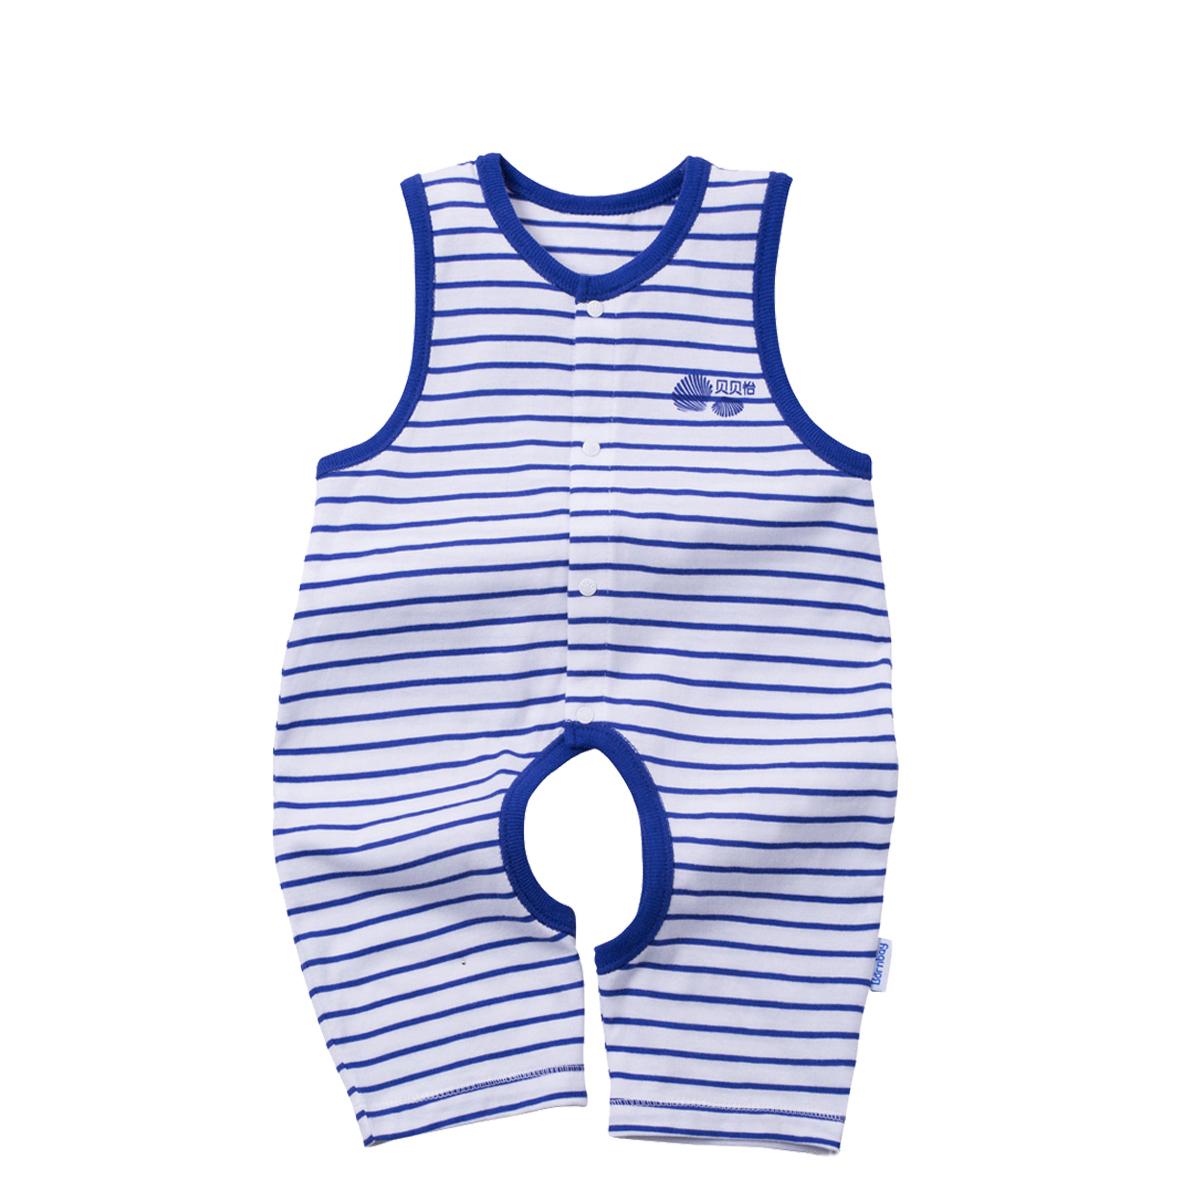 贝贝怡 BB1068 夏装婴儿连体衣 19.9元